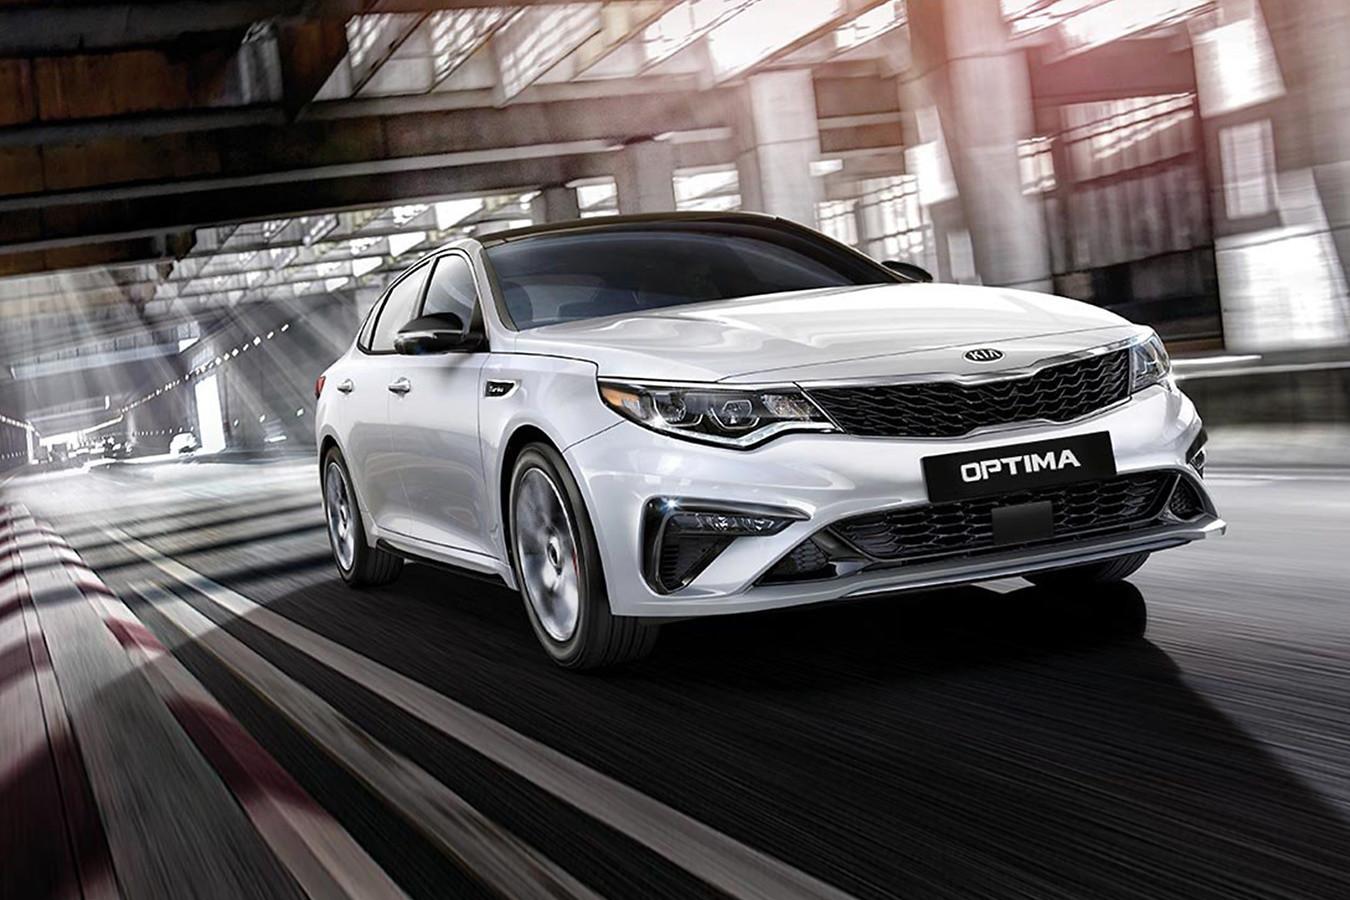 2020 Kia Optima for Sale near Tulsa, OK